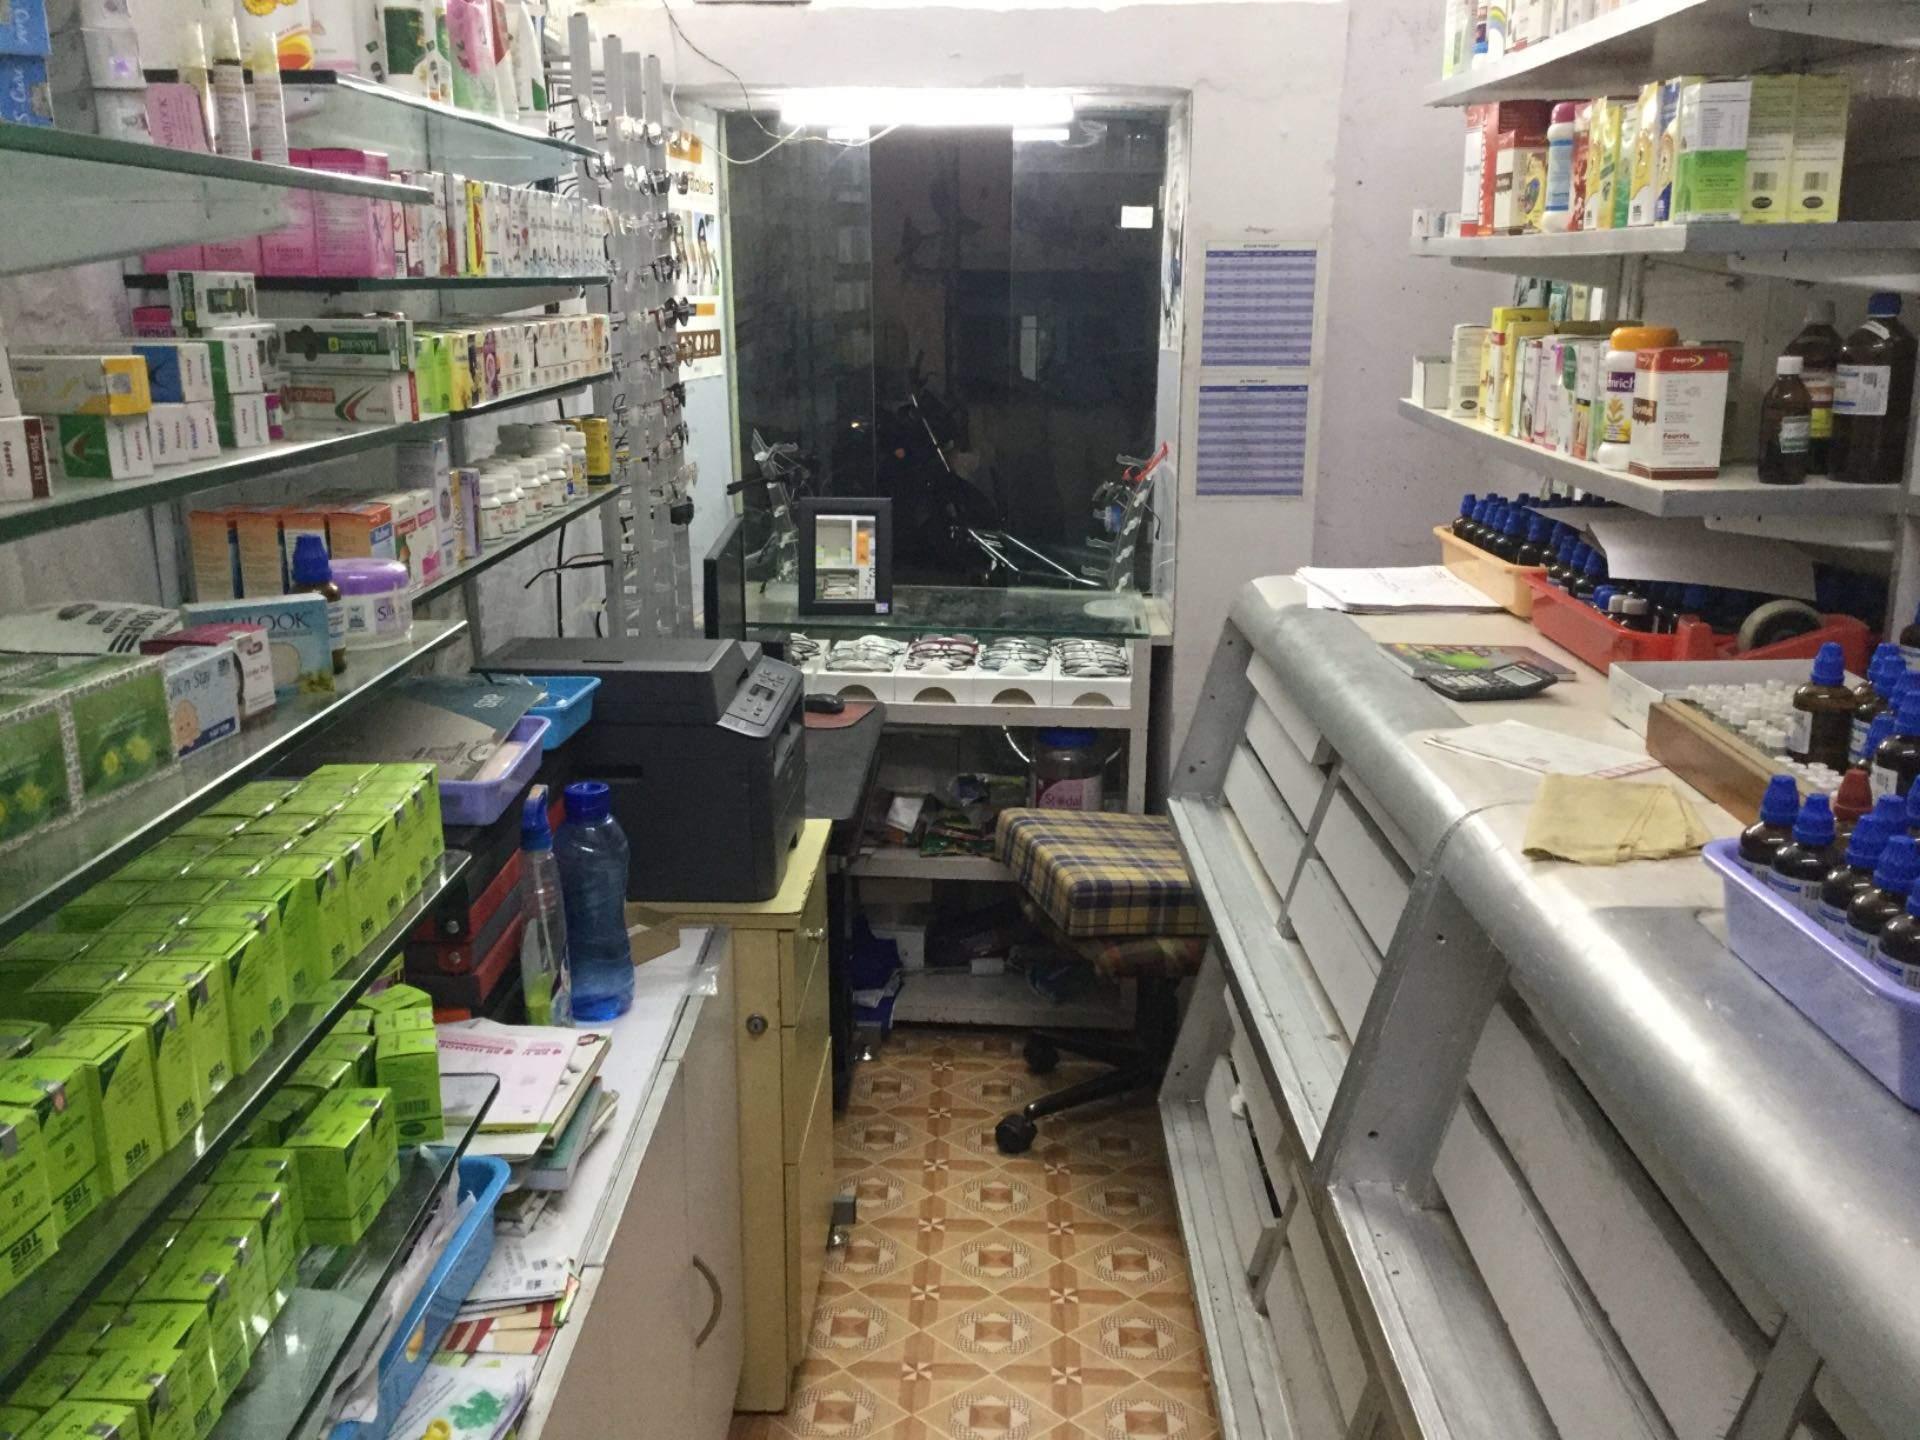 Top Sbl Homeopathic Medicine Retailers in Vijayawada - Best